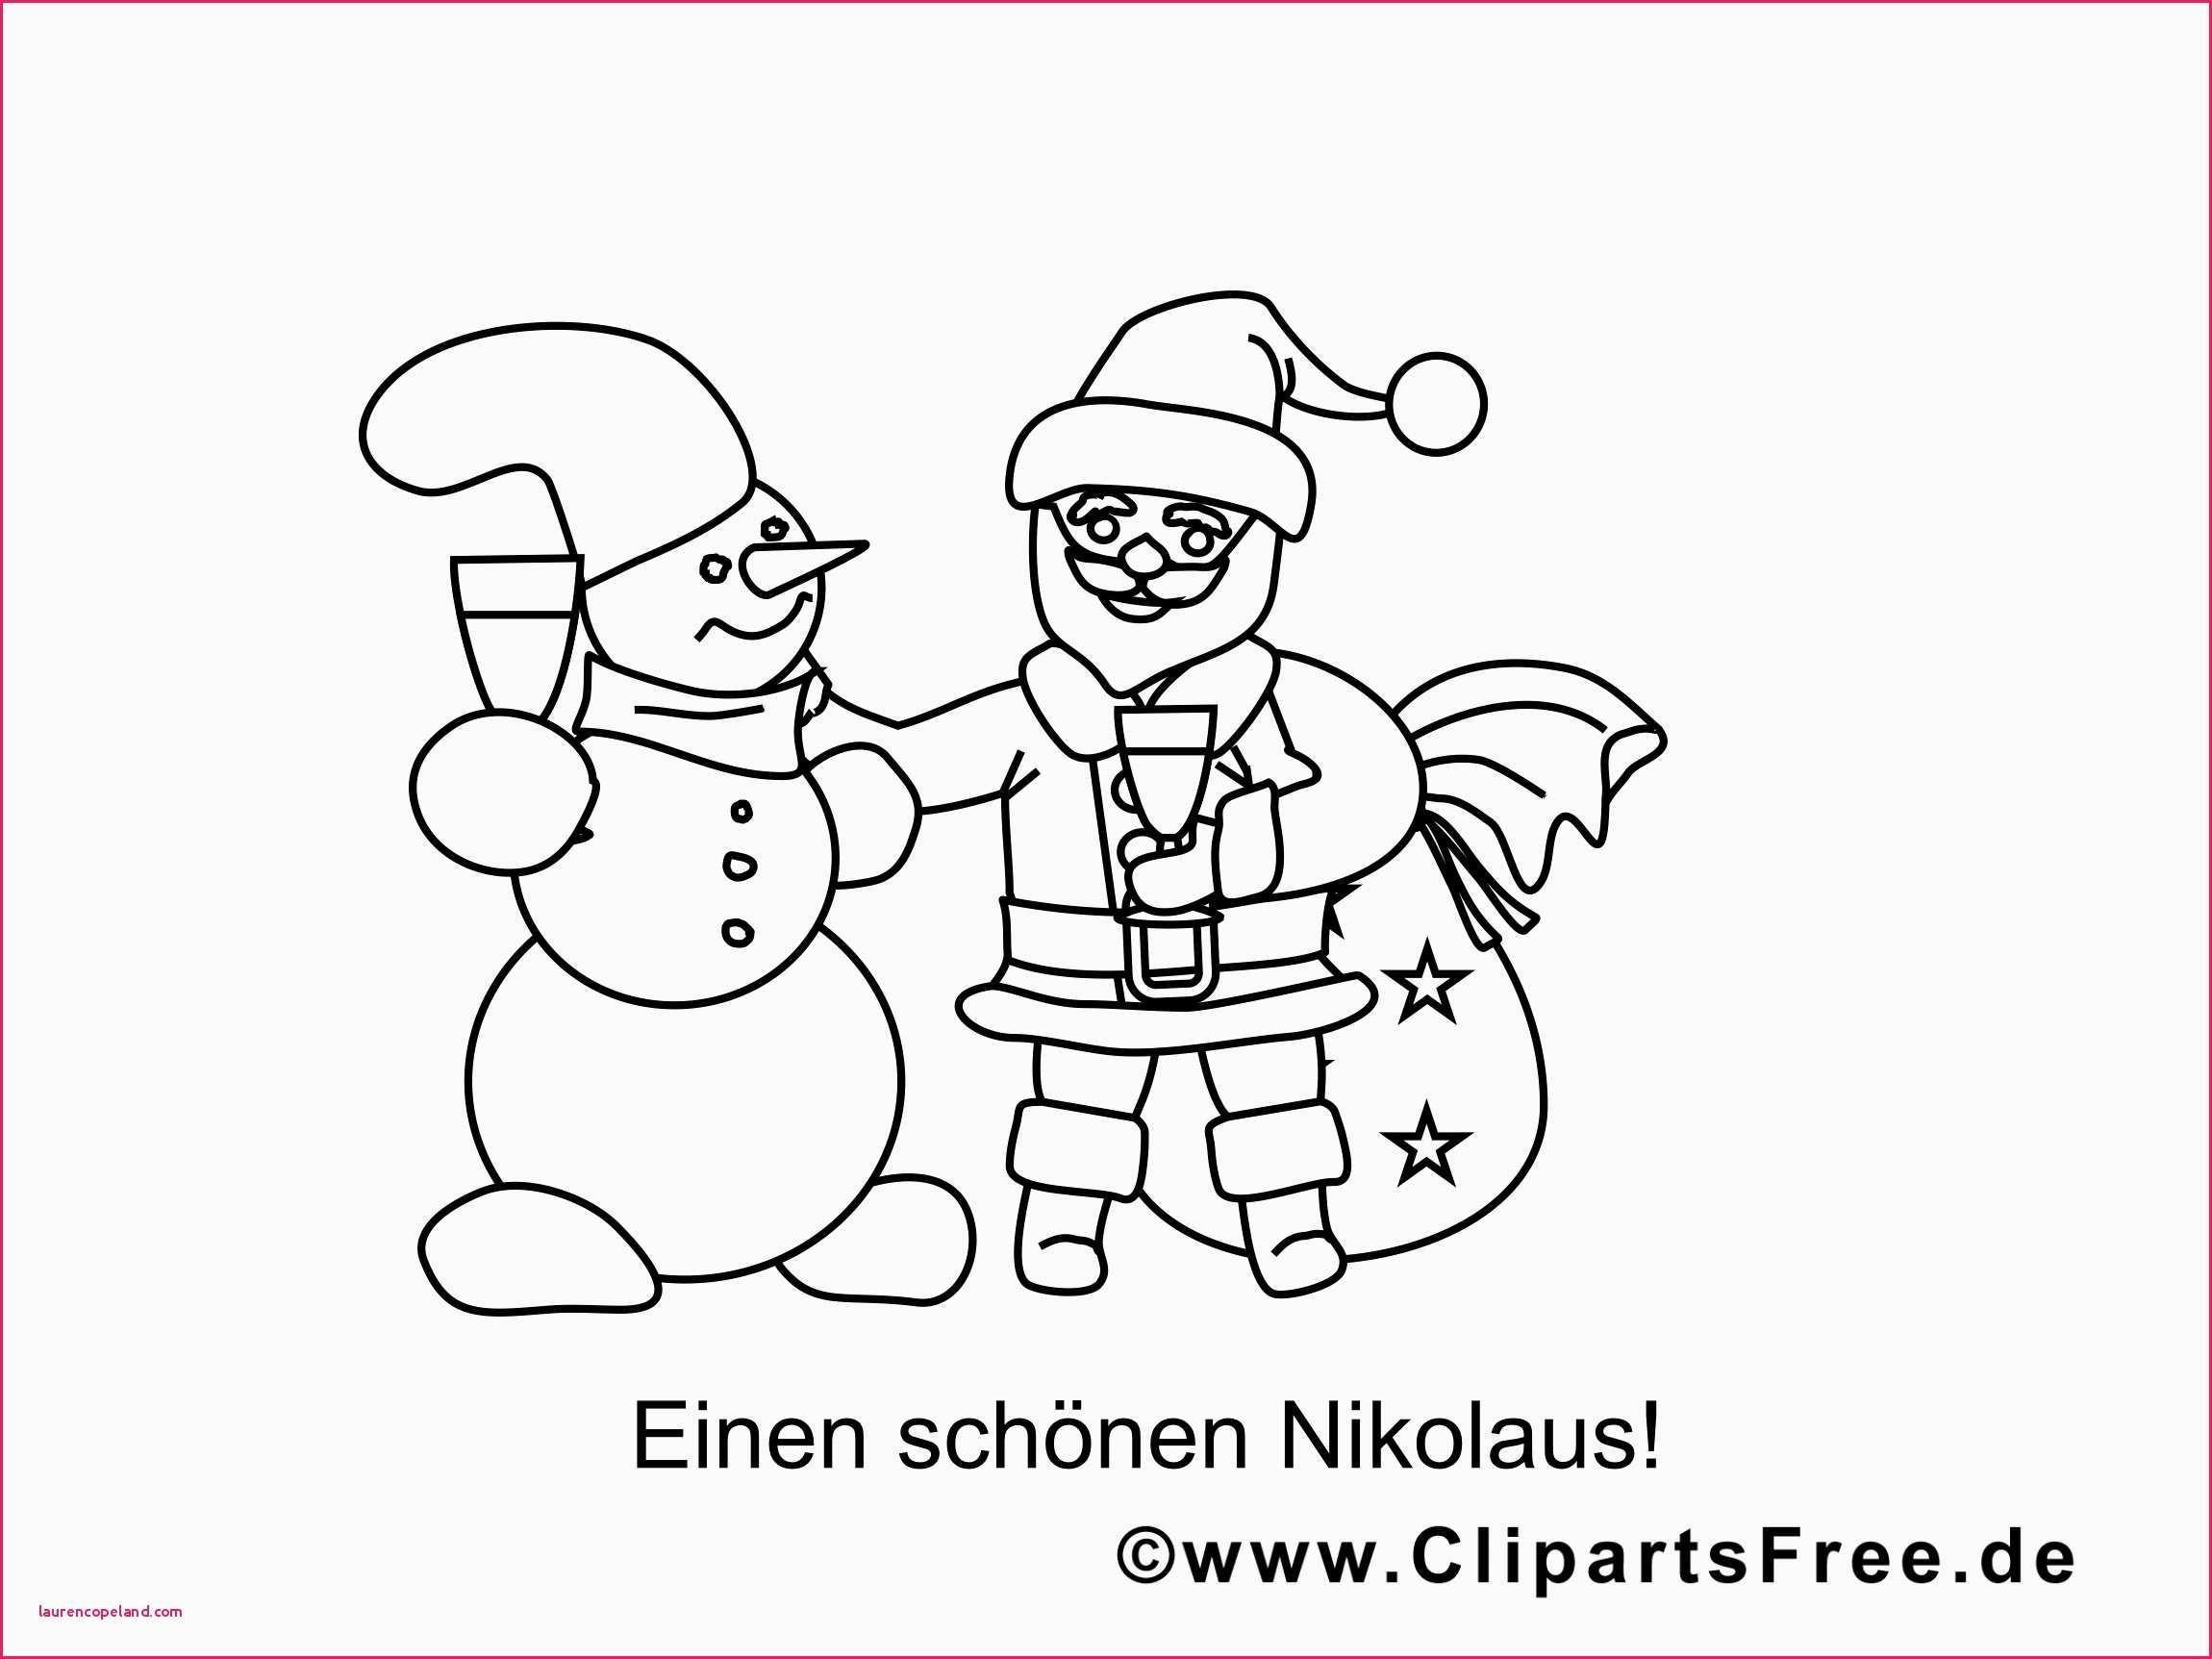 Ausmalbilder Weihnachten Zum Ausdrucken Genial 33 Window Color Bilder Zum Ausdrucken Fotografieren